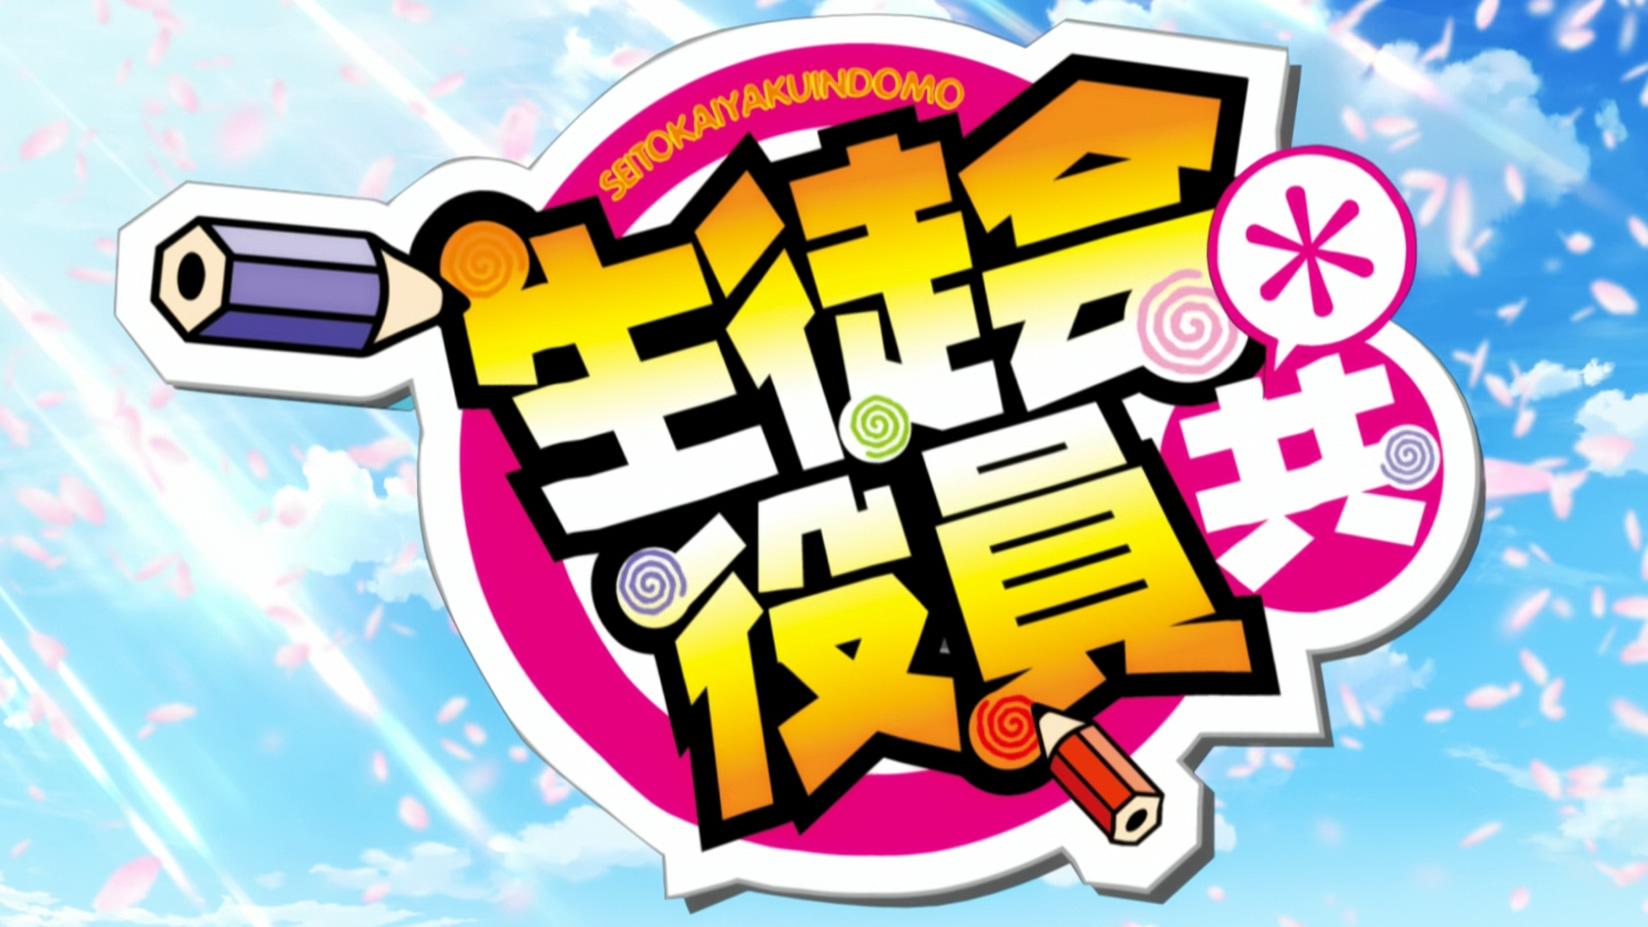 妄想学生会 第二季 event